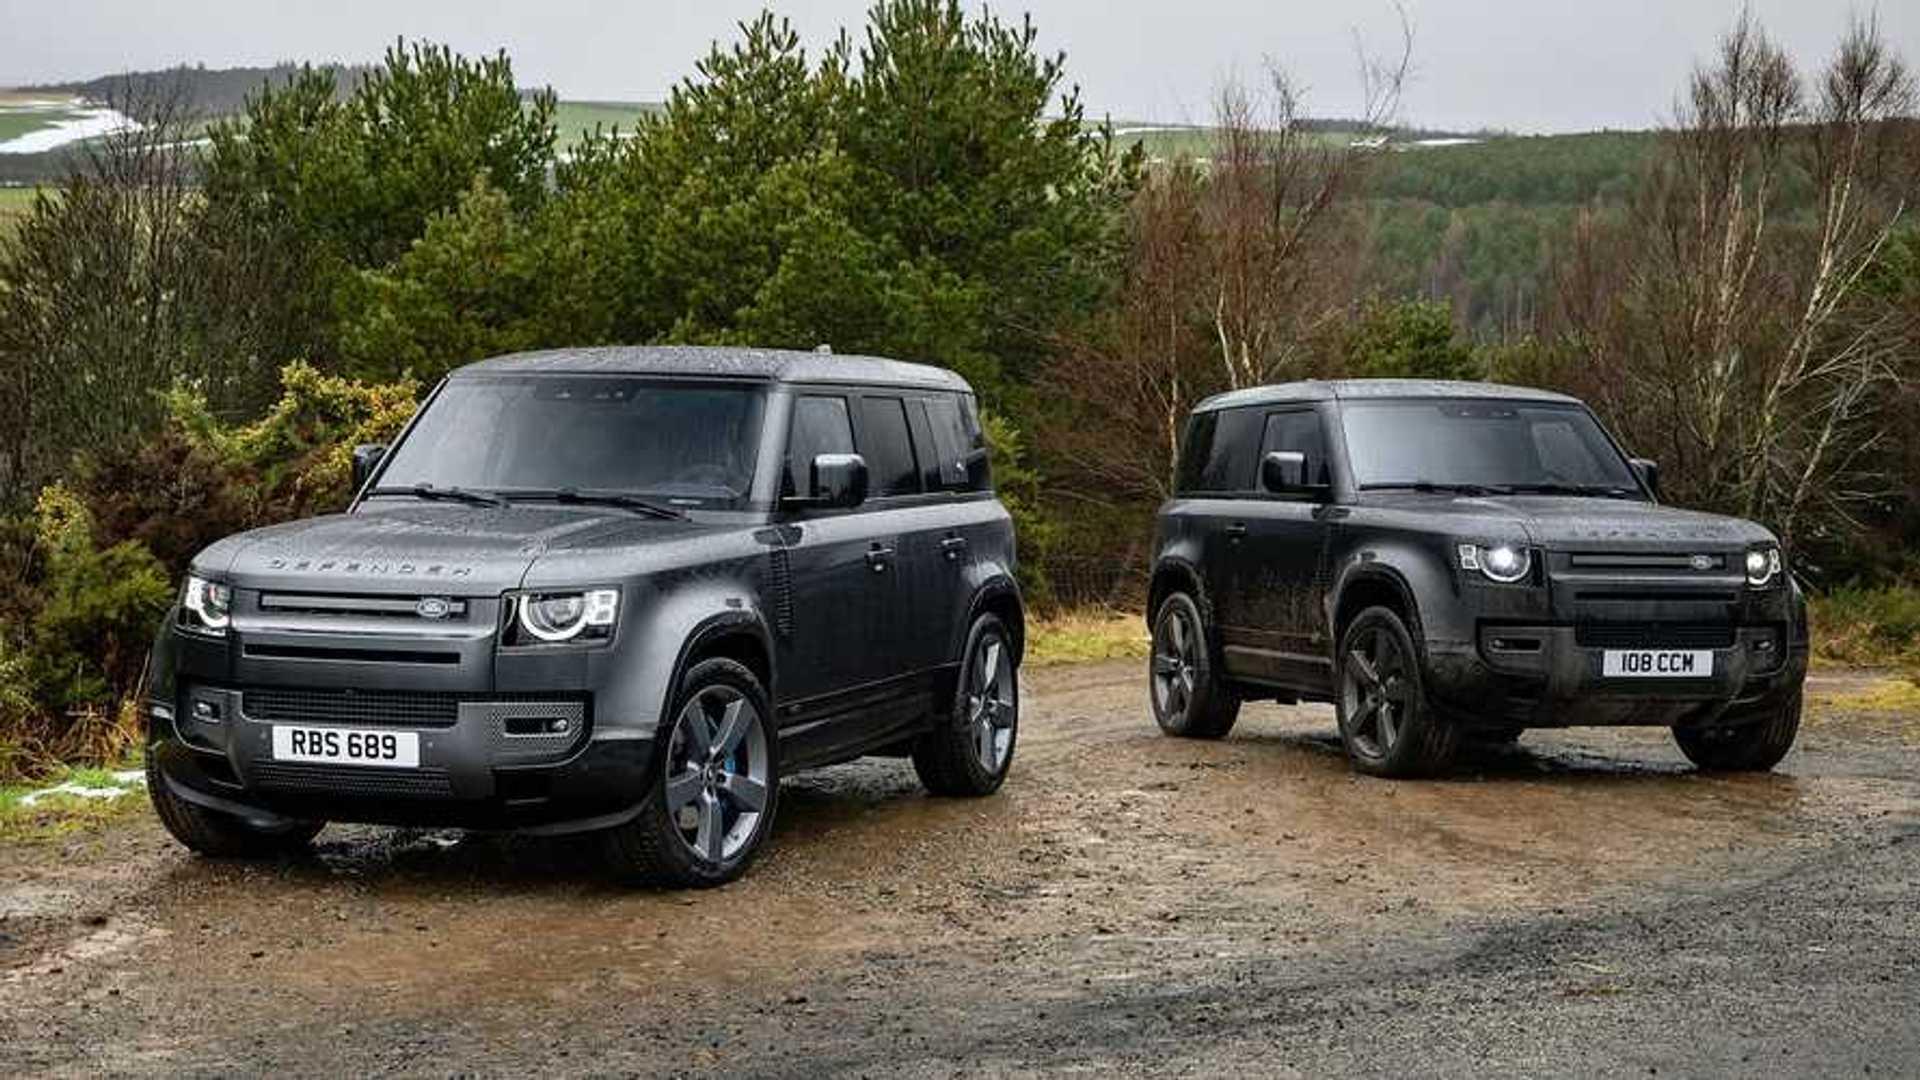 2022 Land Rover Defender V8 дебютирует с невероятной мощностью